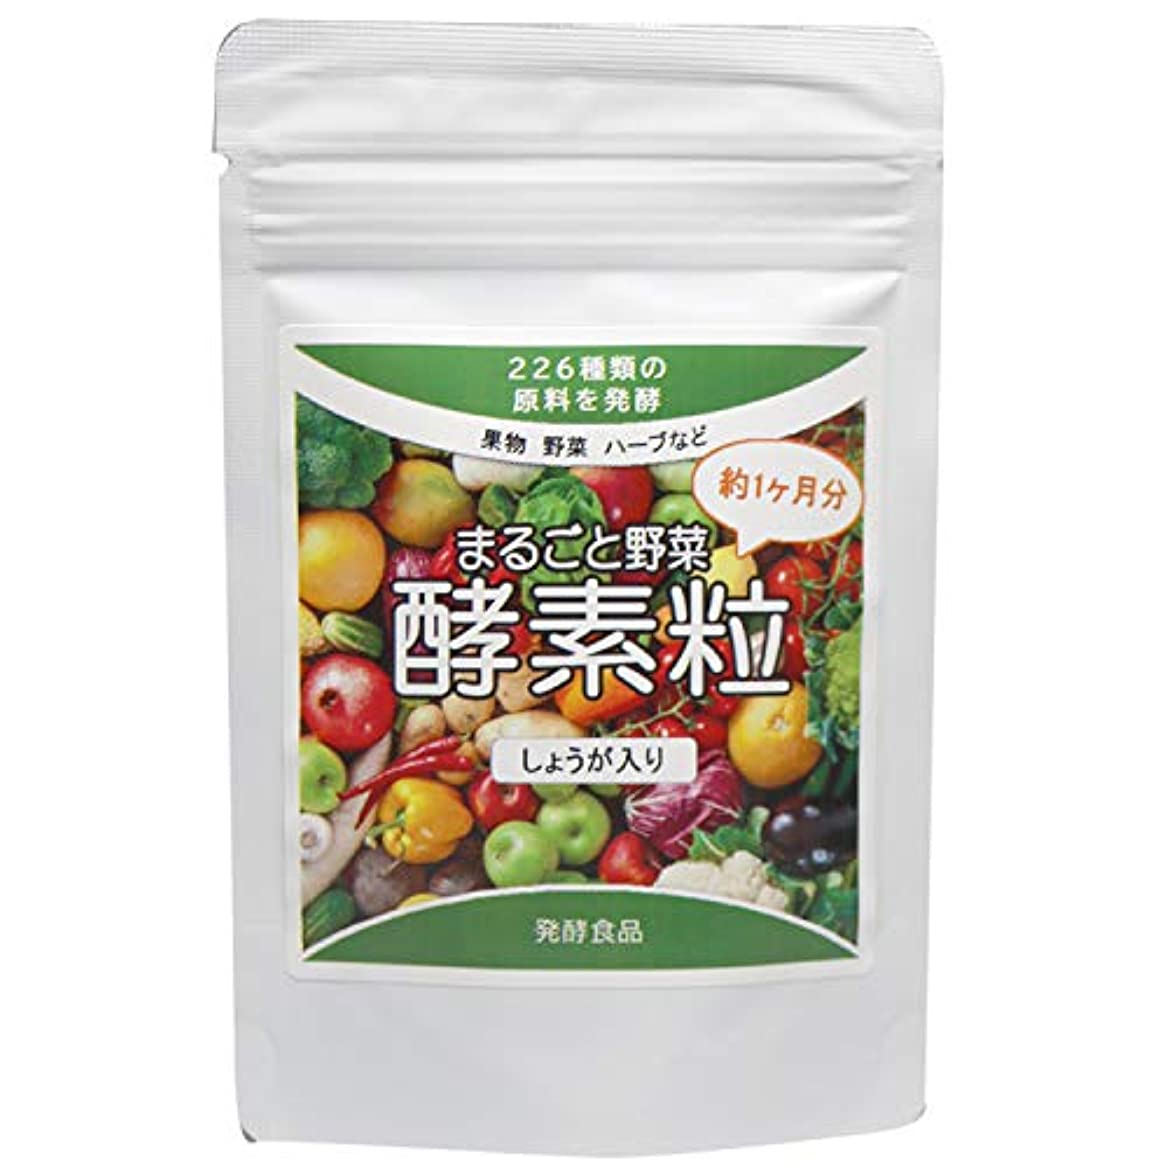 分割治すチャネルまるごと野菜酵素粒 226種類の野菜発酵(しょうが入り) 約4ヶ月分 (440mg×120粒)